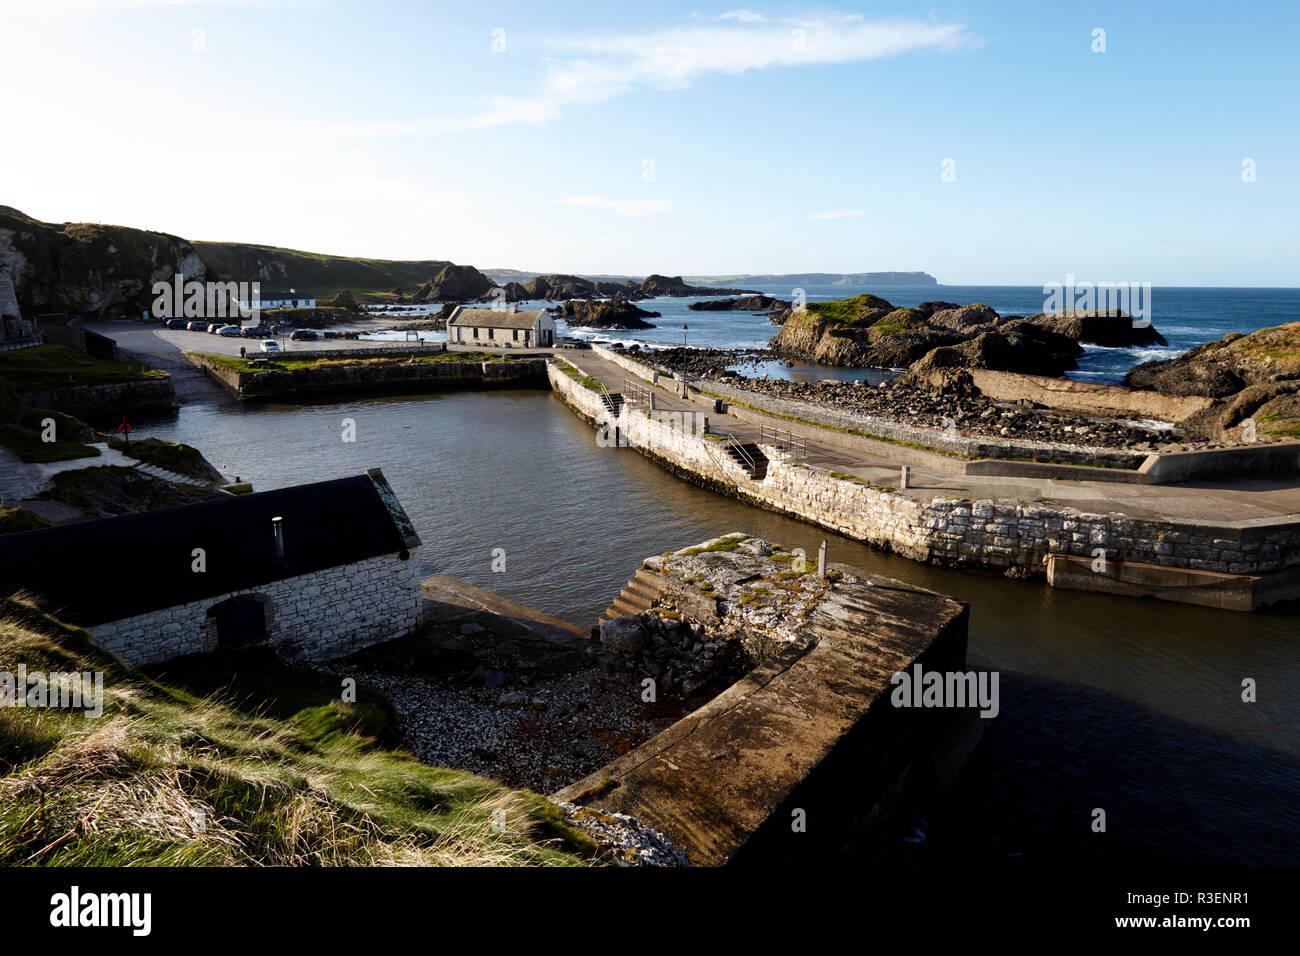 Ballintoy Harbor County Antrim, Nordirland im Spiel der Throne als Drehort für die Eisen Inseln verwendet Stockbild